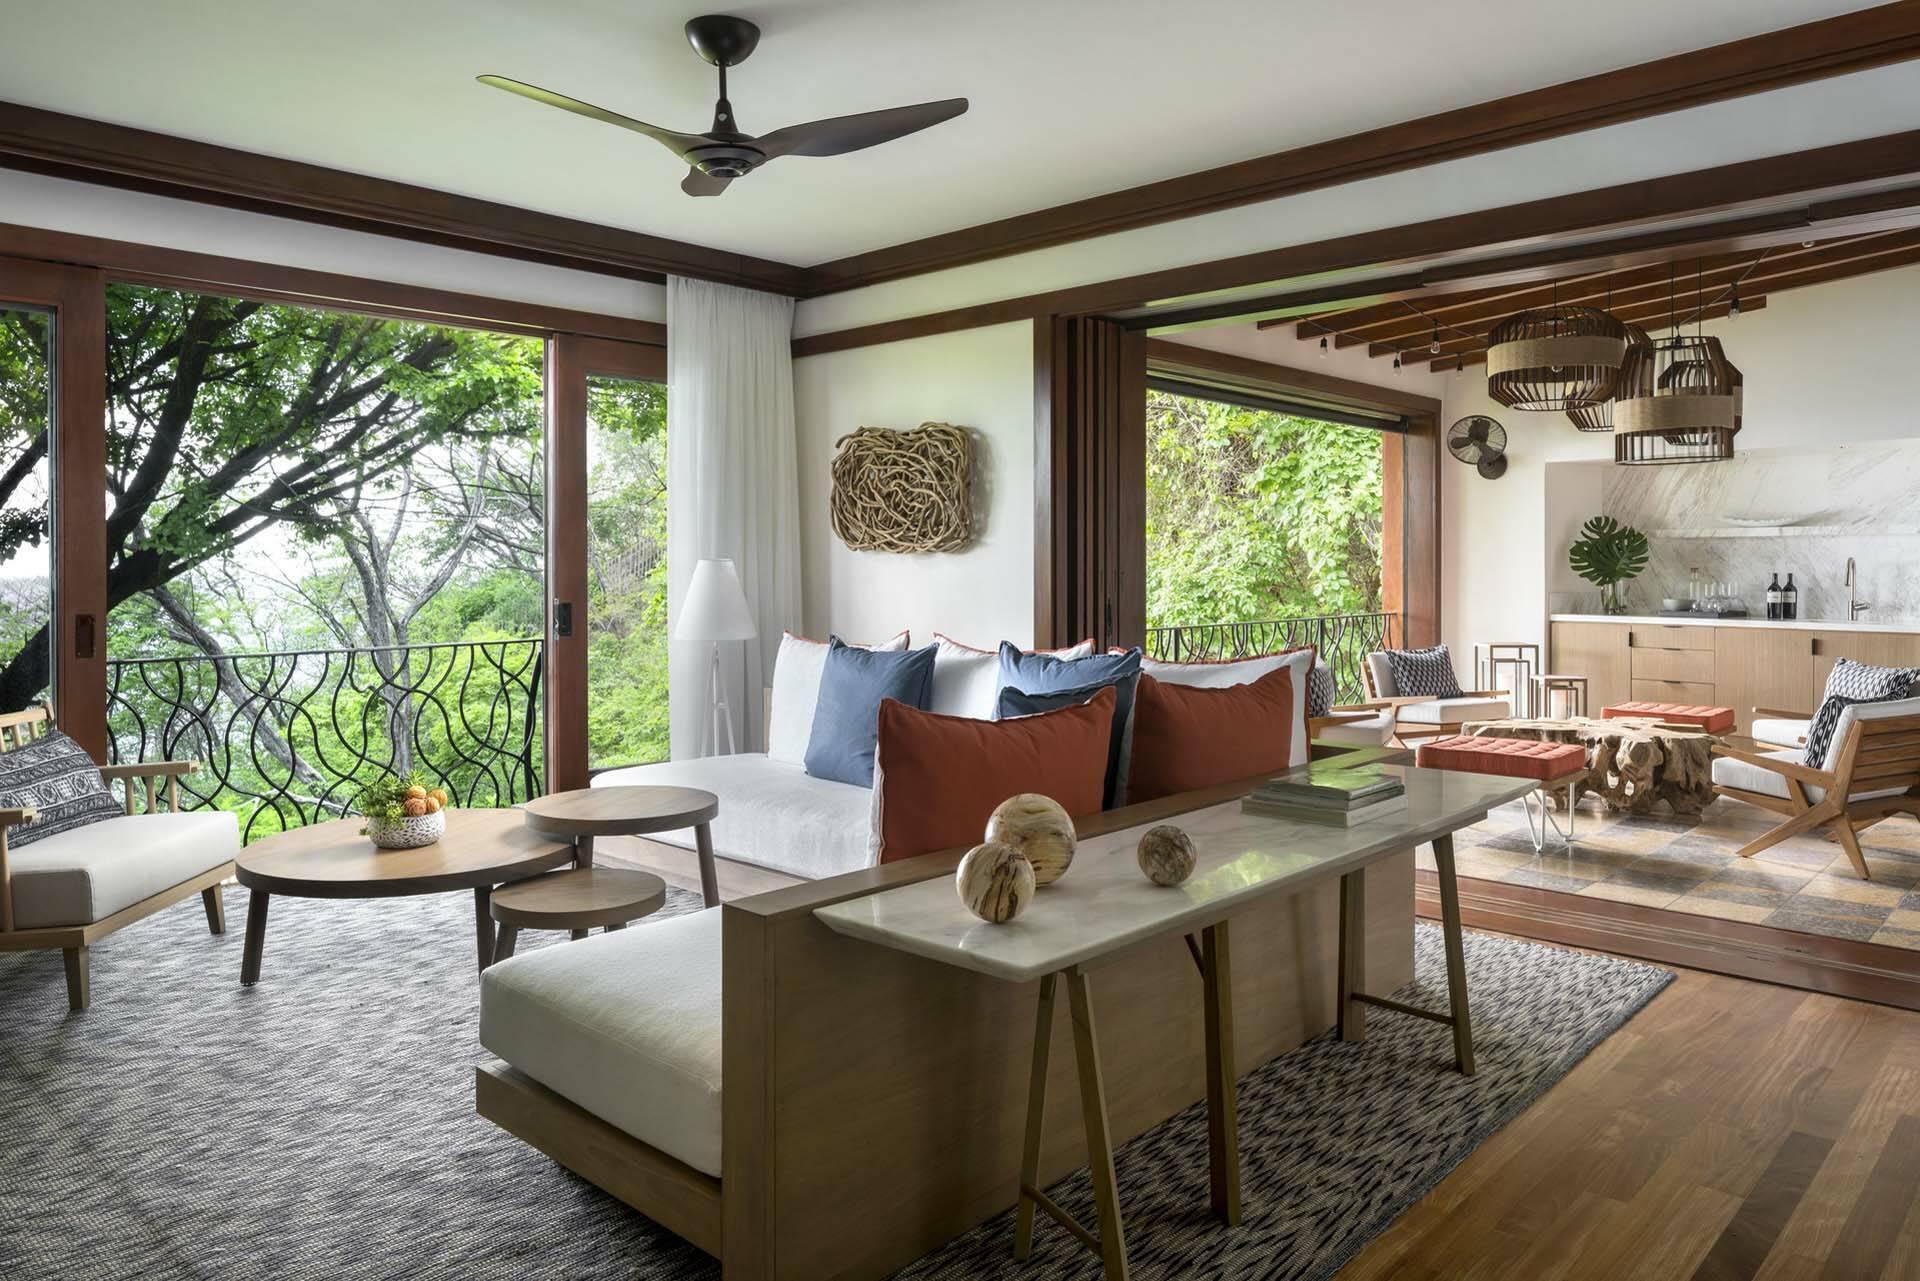 Costa Rica Four Seasons Papagayo suite salon